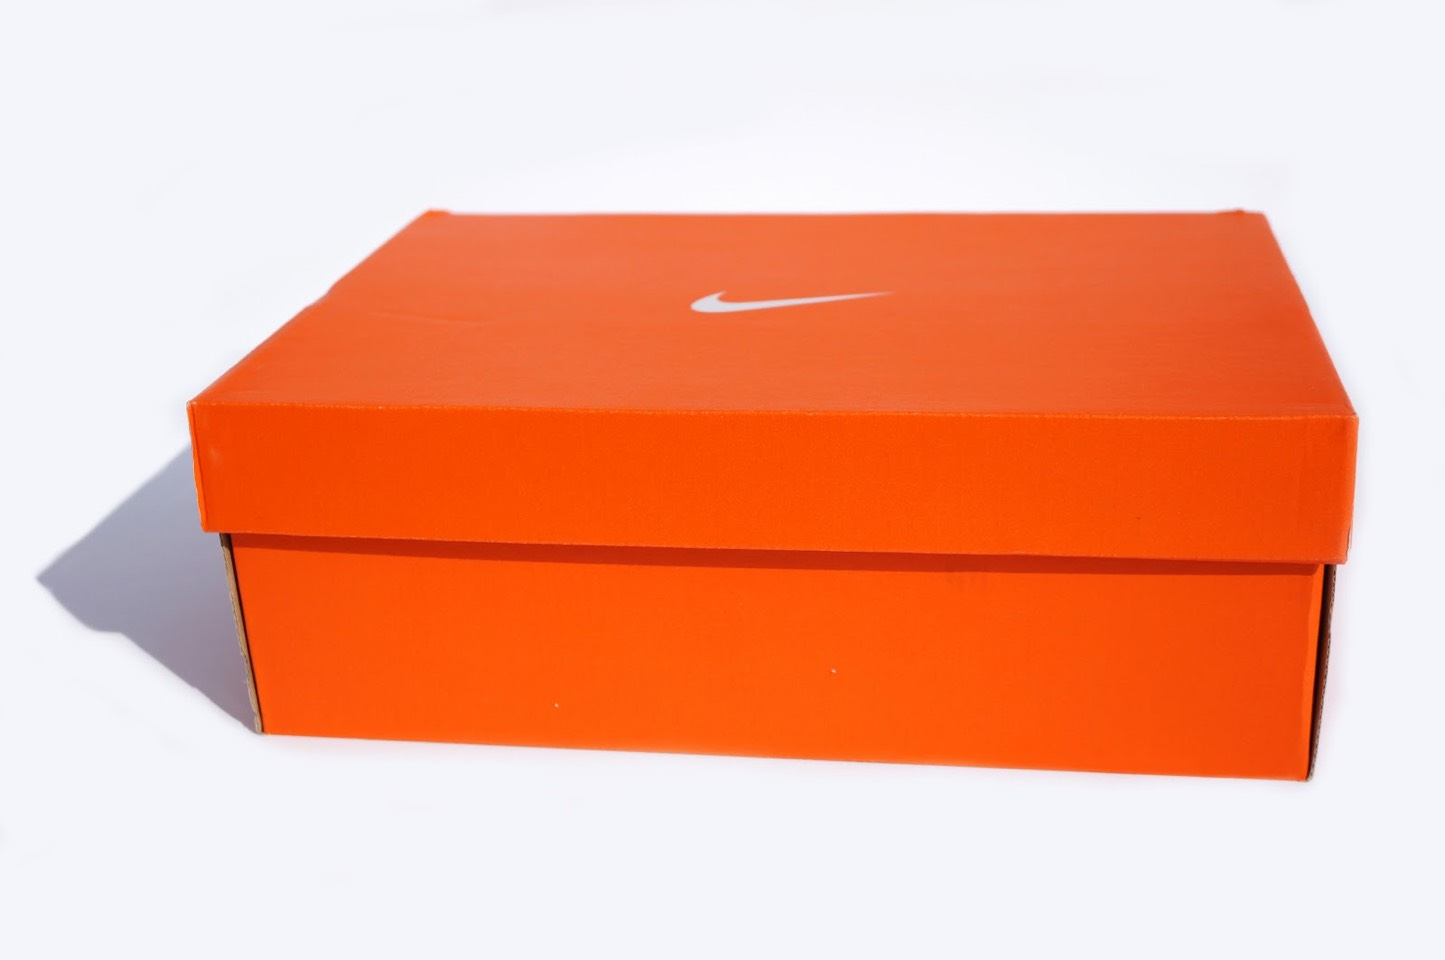 1 you need a shoe box